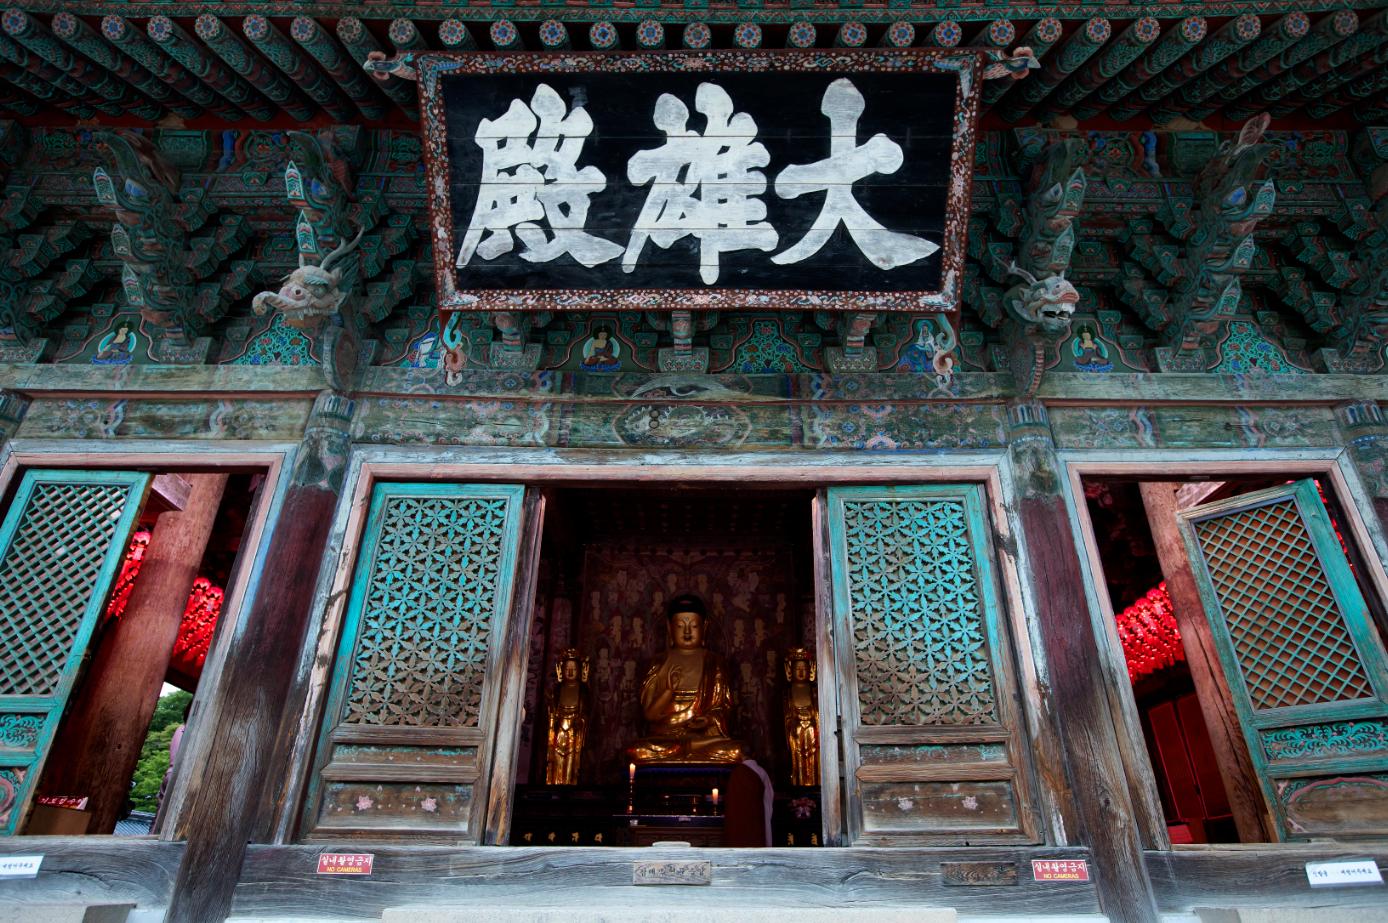 Mahavira Hall in Bulguksa Temple